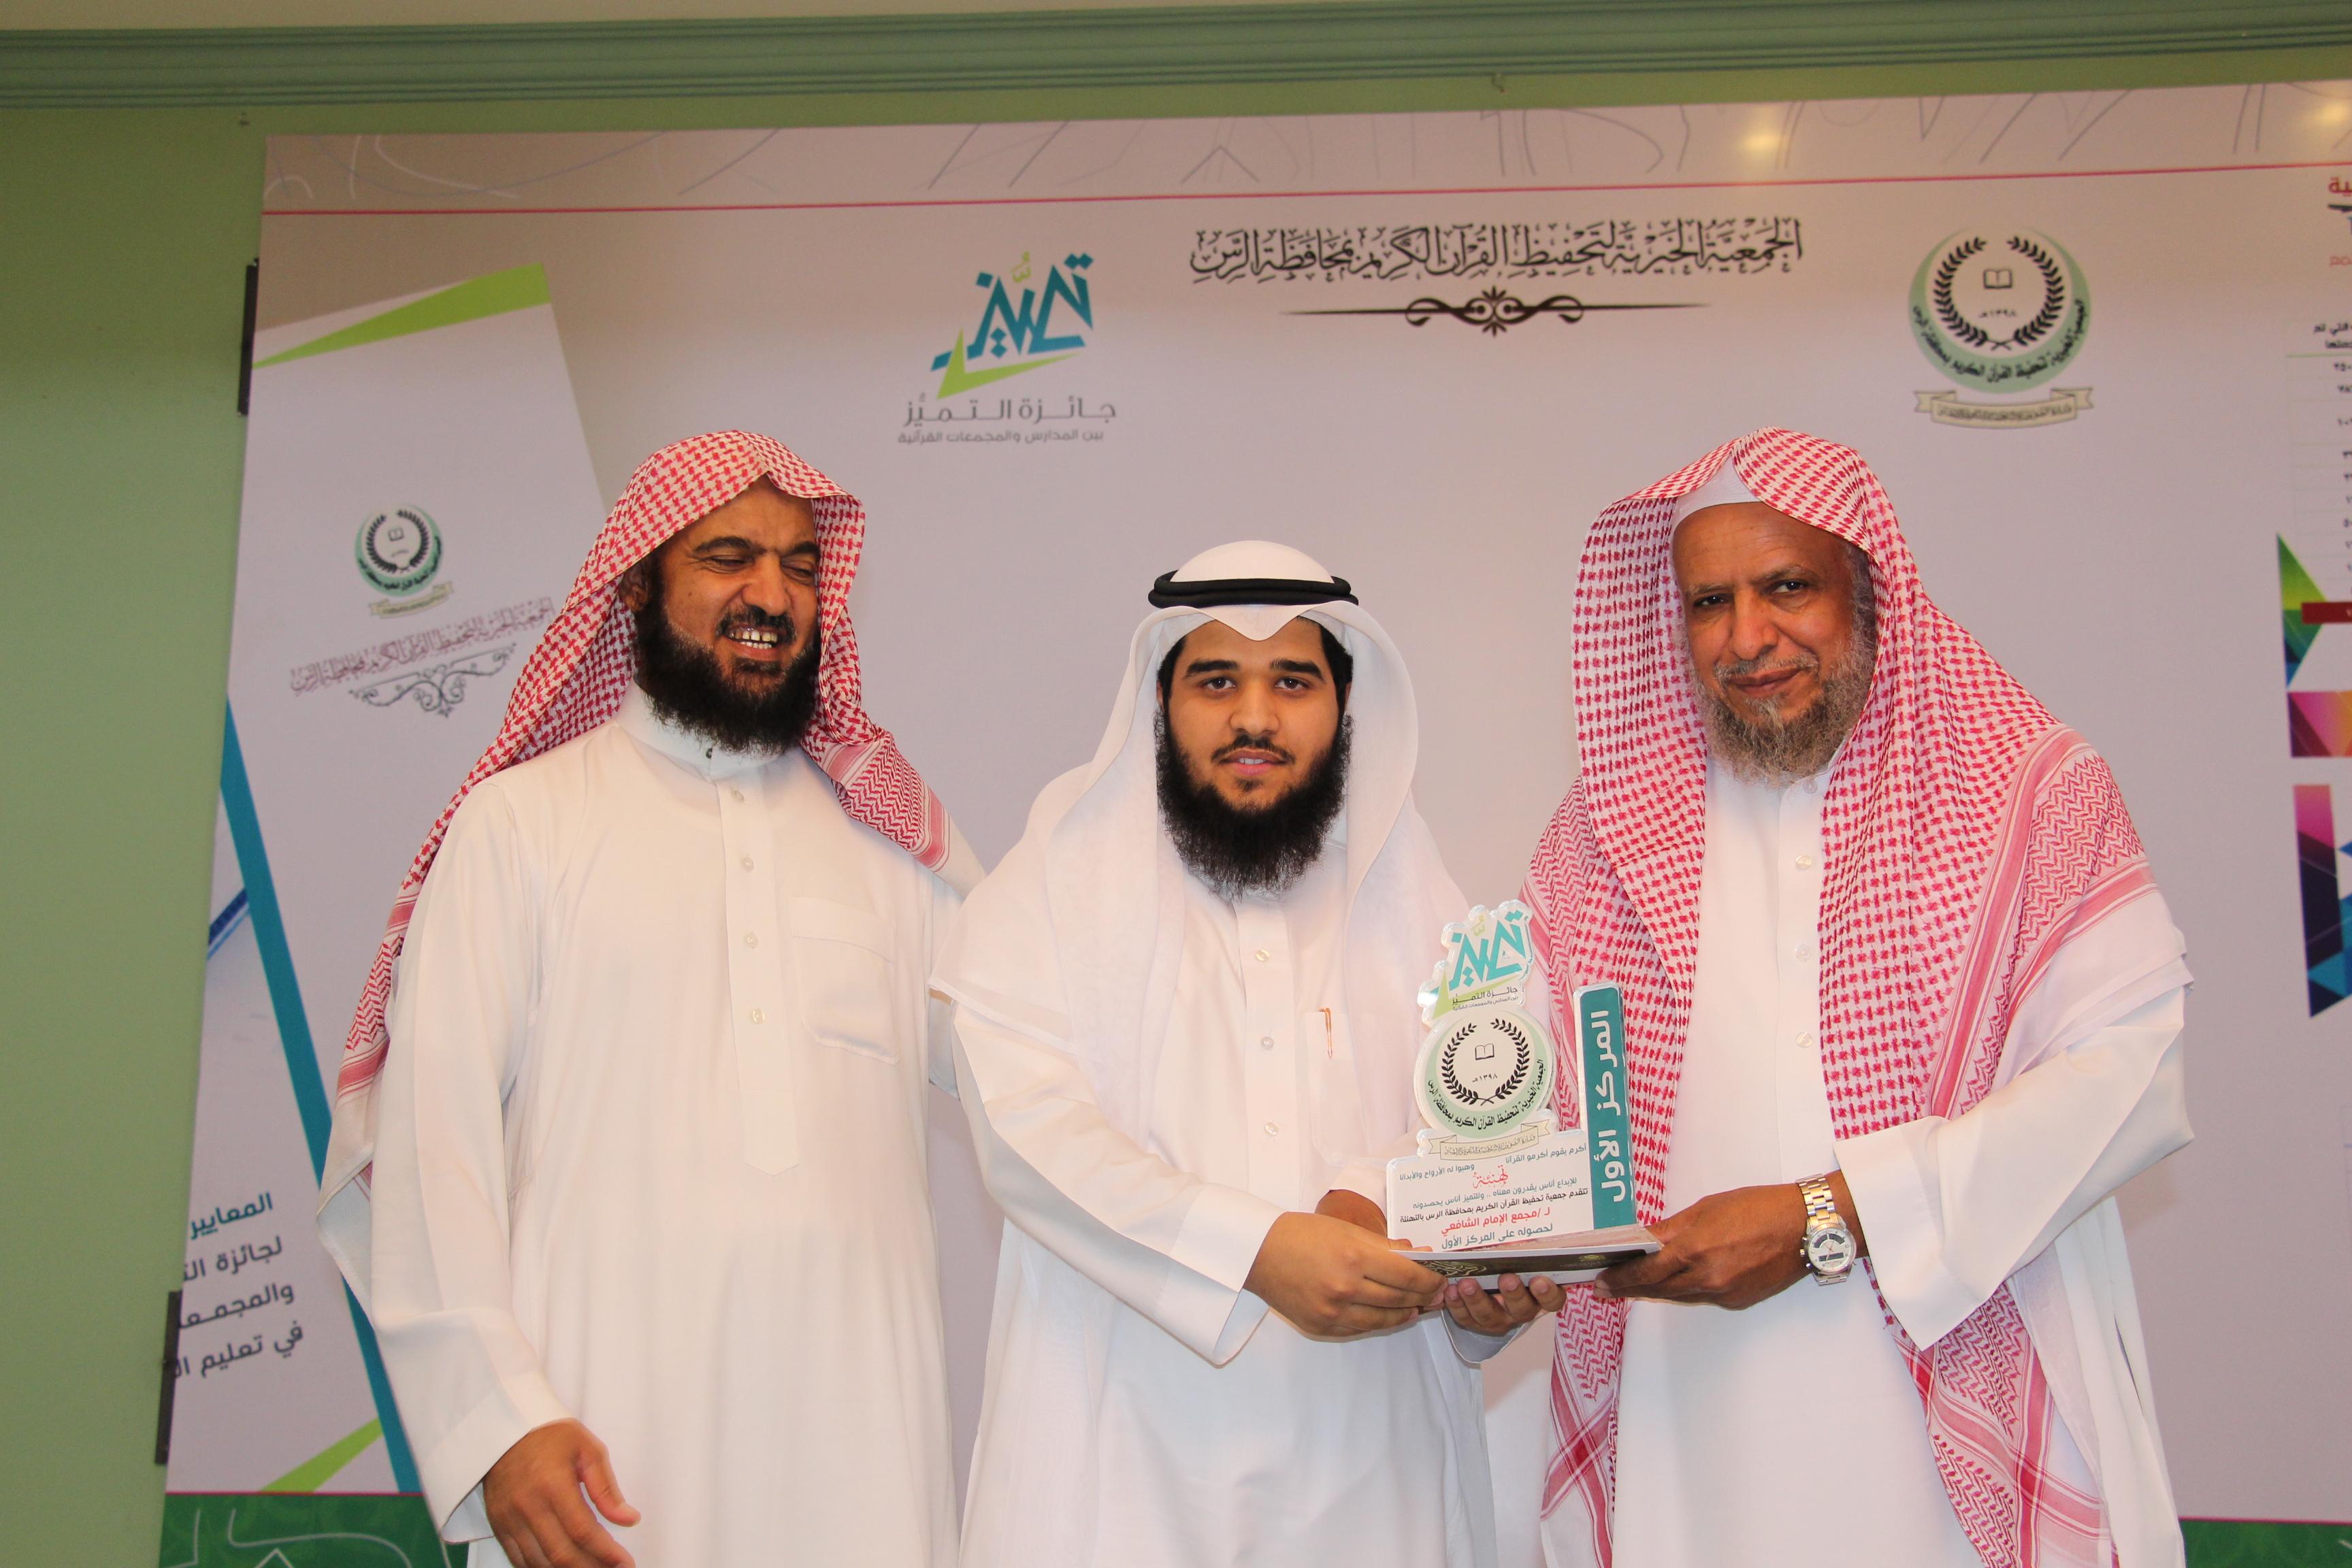 حفل جائزة التميز بين المجمعات والمدارس القرآنية في دورتها الثانية لعام 1438 هـ